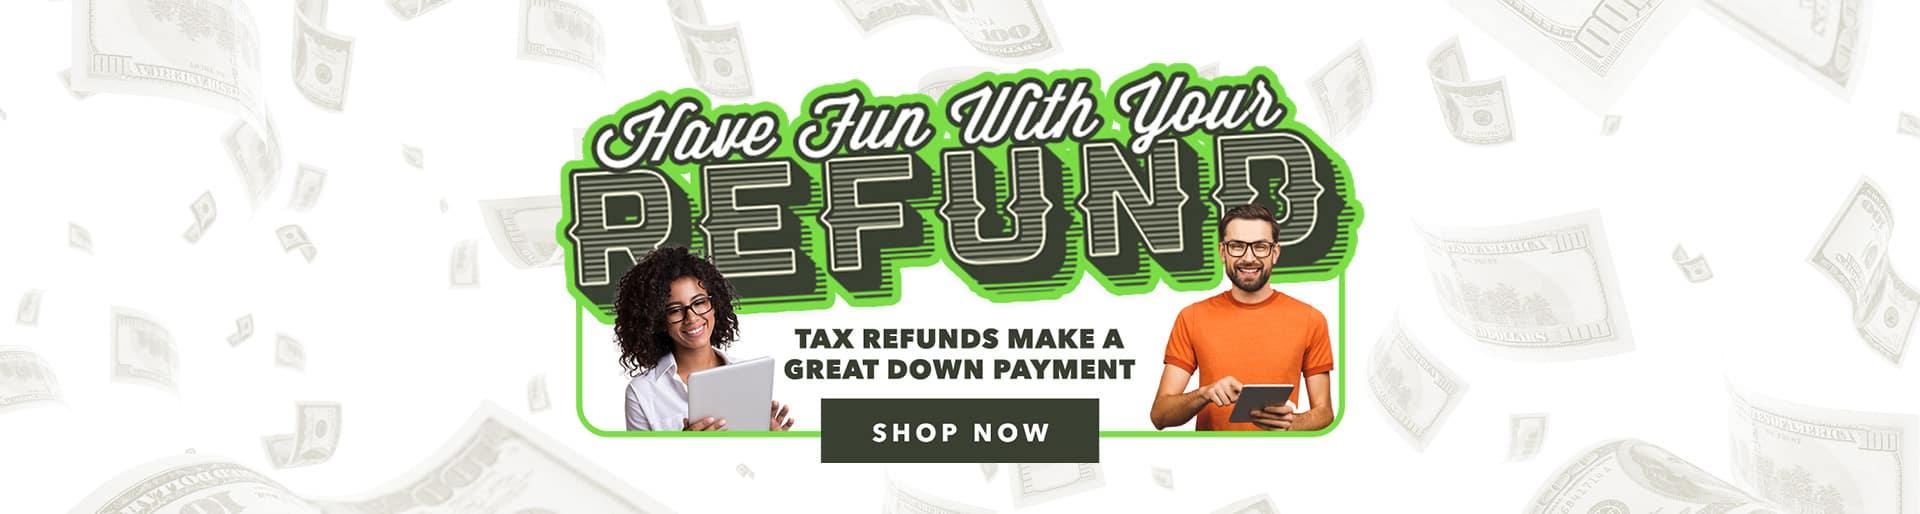 Tax Refund Savings